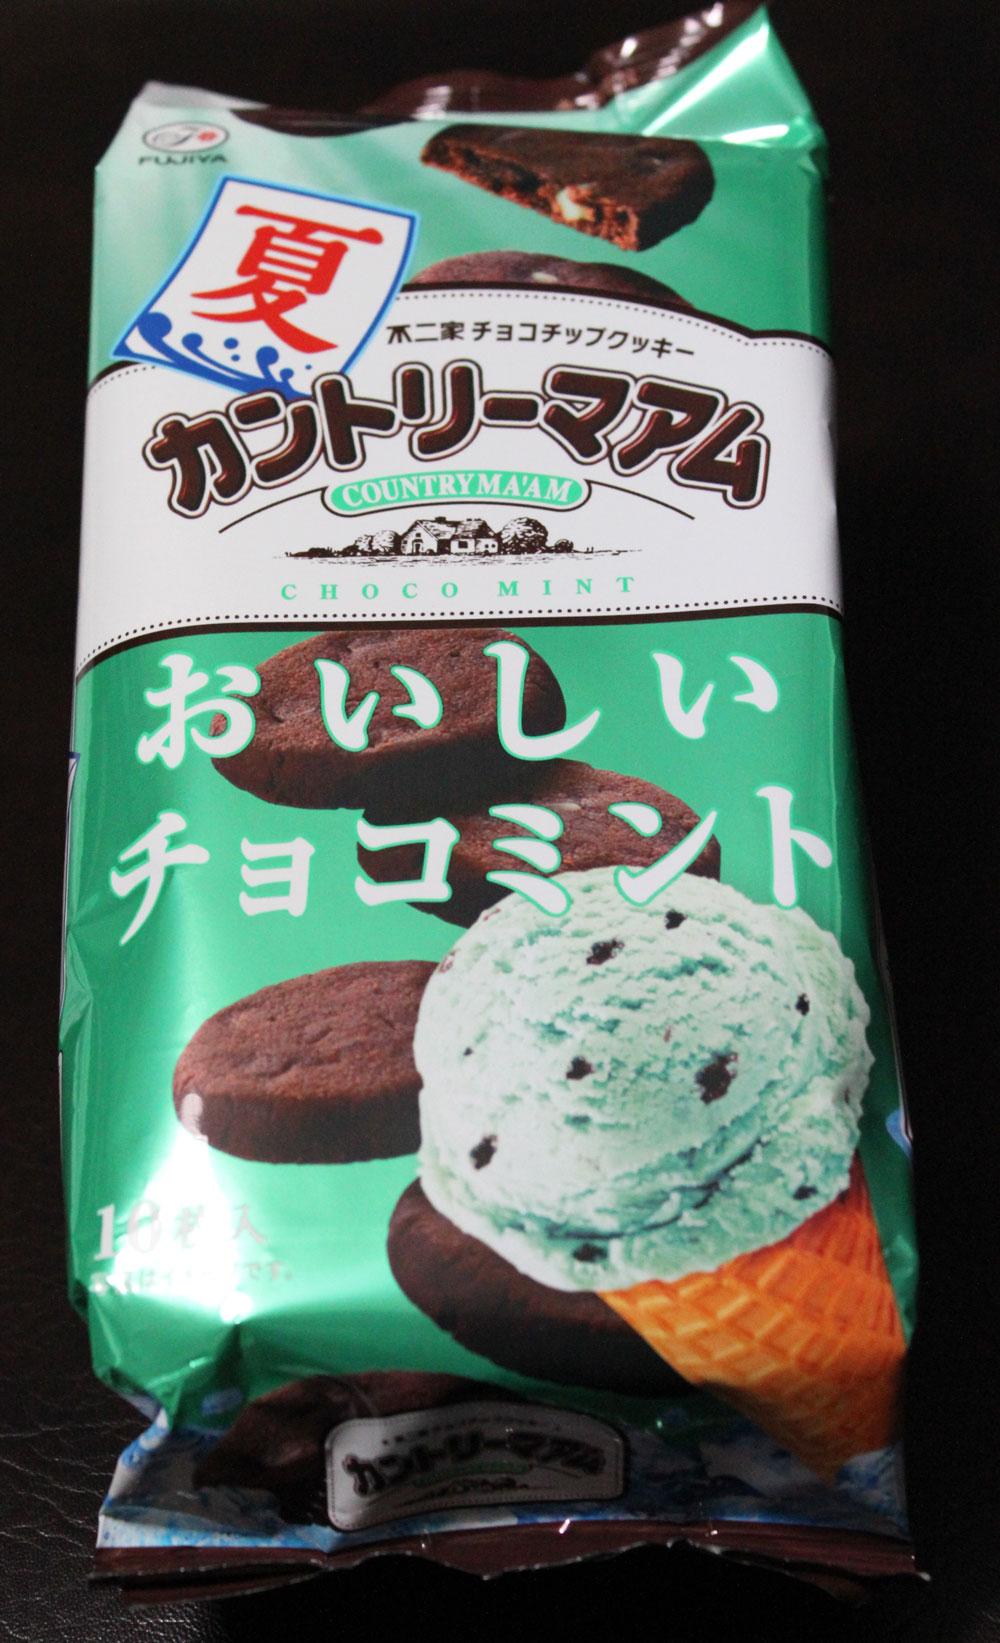 暑い夏にこそチョコミント!カントリーマアムのチョコミントを食べたら胃が爽やかになりすぎた | 人生は宇宙だ!